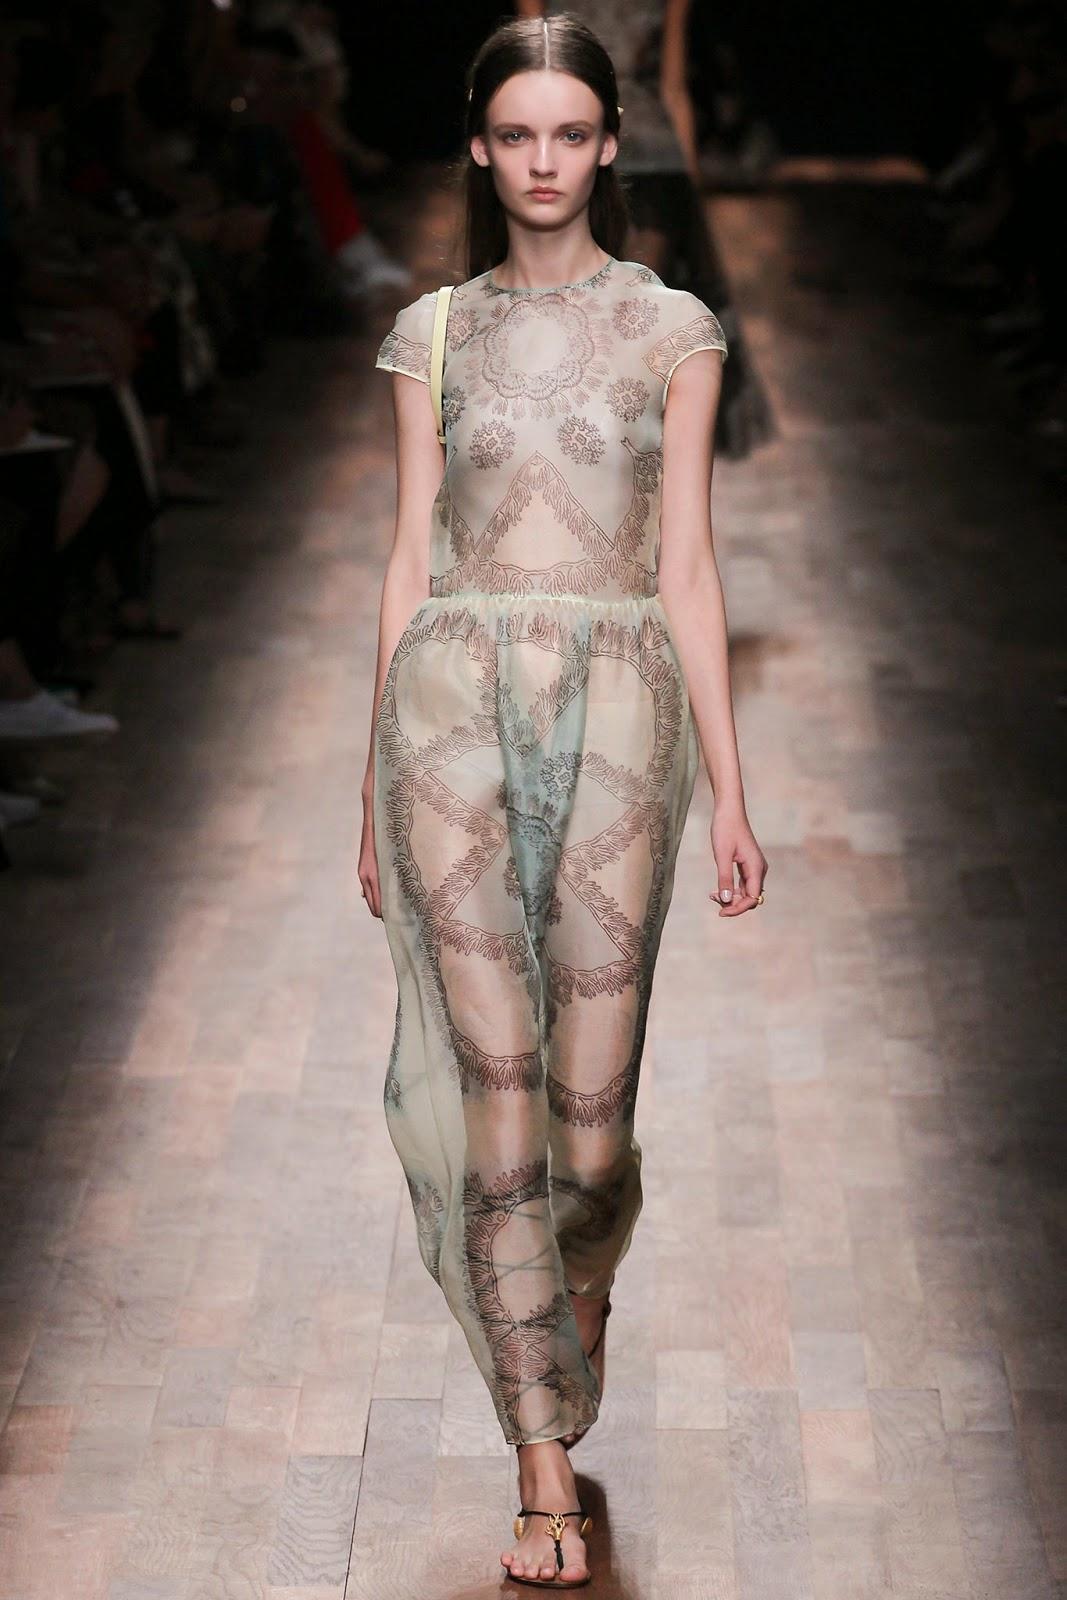 valentino 2015 summer 2016 trend women dress72 Valentino 2015 samling, våren sommaren 2016 Valentino klänning modeller, Valentino kväll klänning nya säsongen kvinnors kjolar modeller